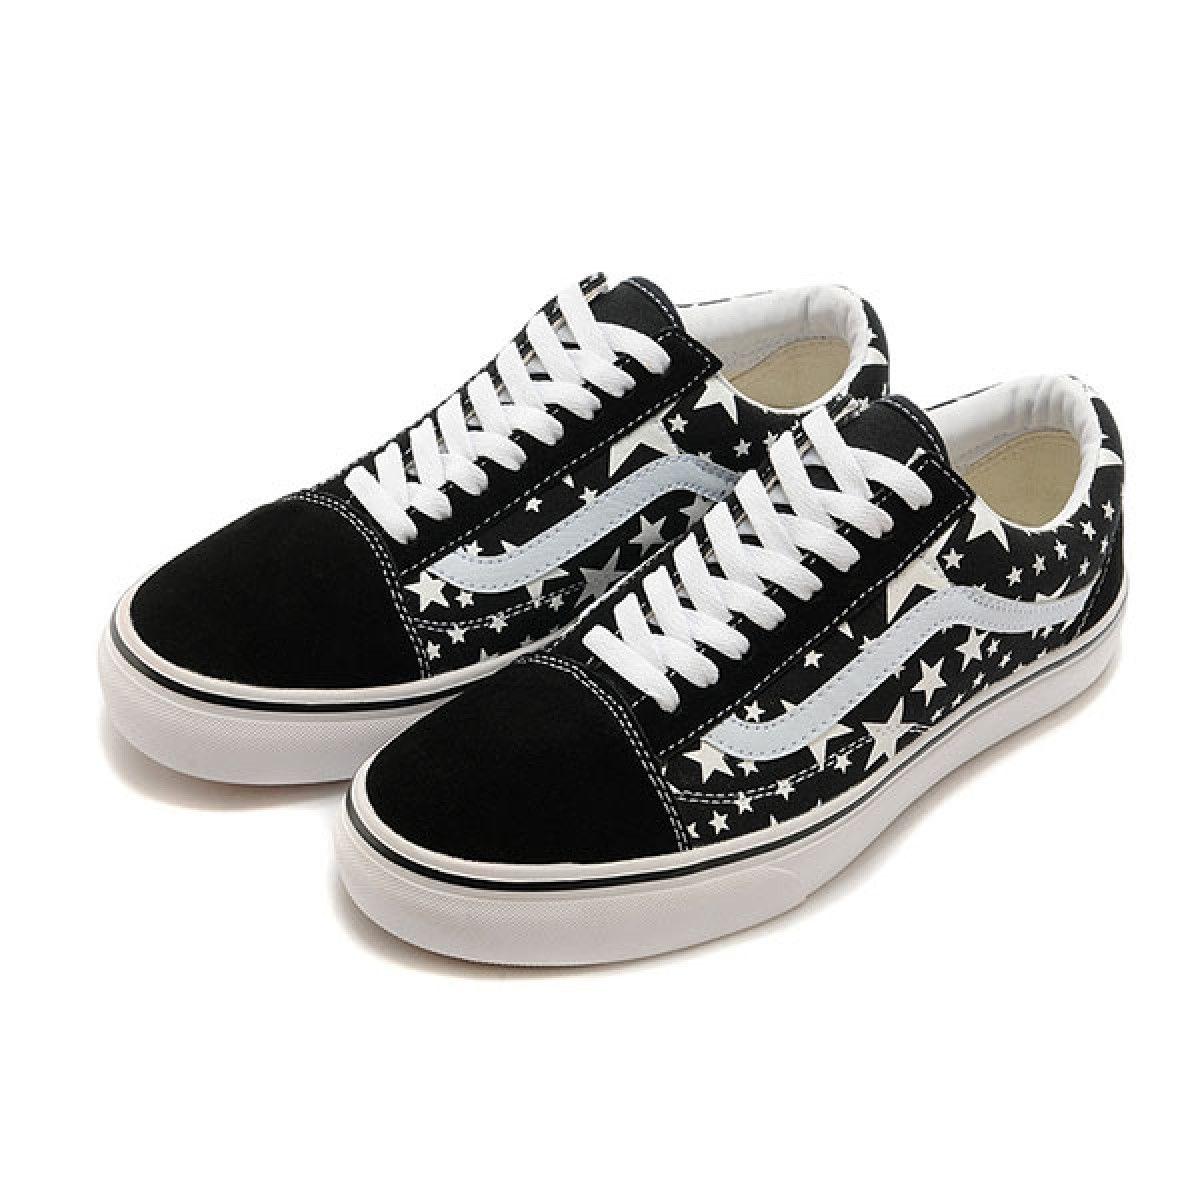 vans skate shoes price